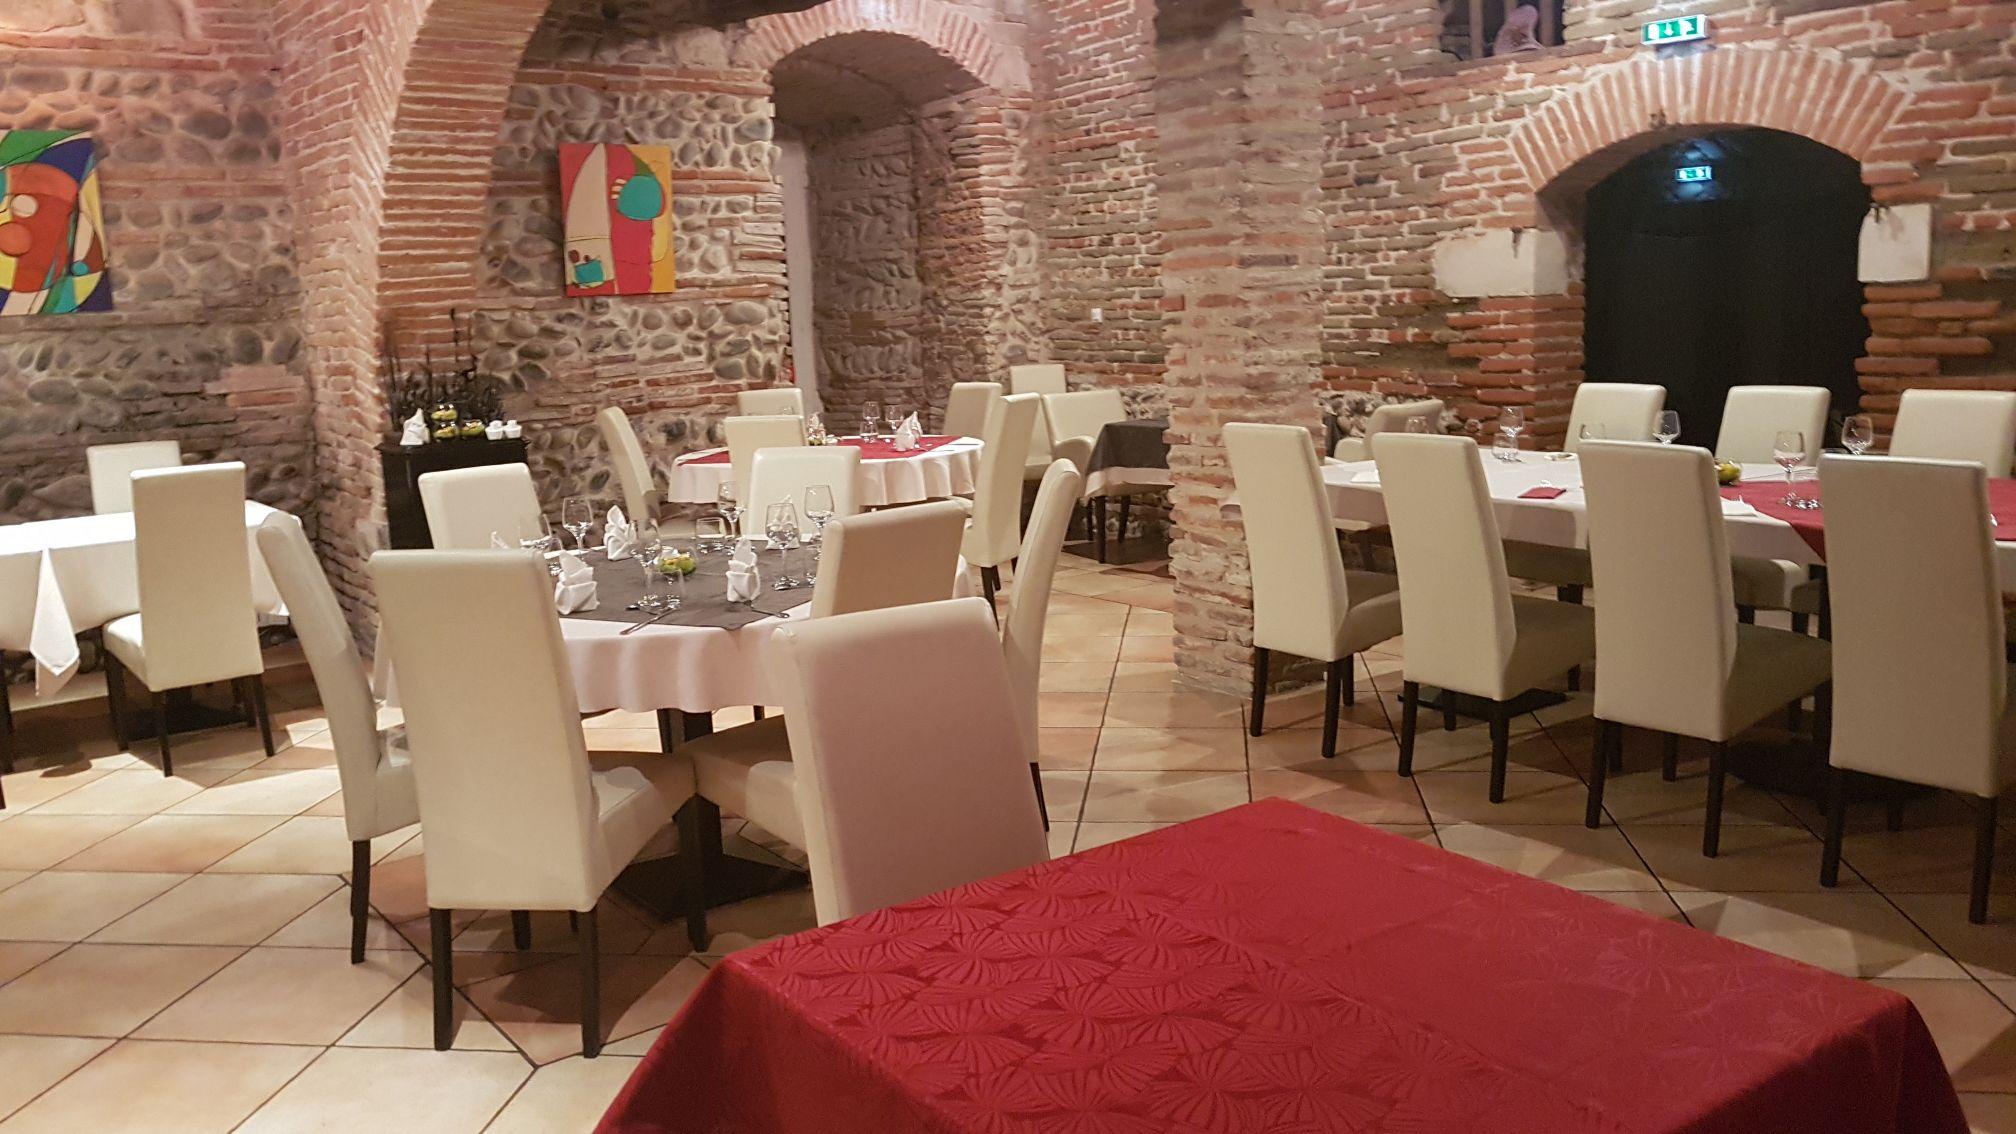 Restaurant interieur domaine de la terrasse for Interieur restaurant